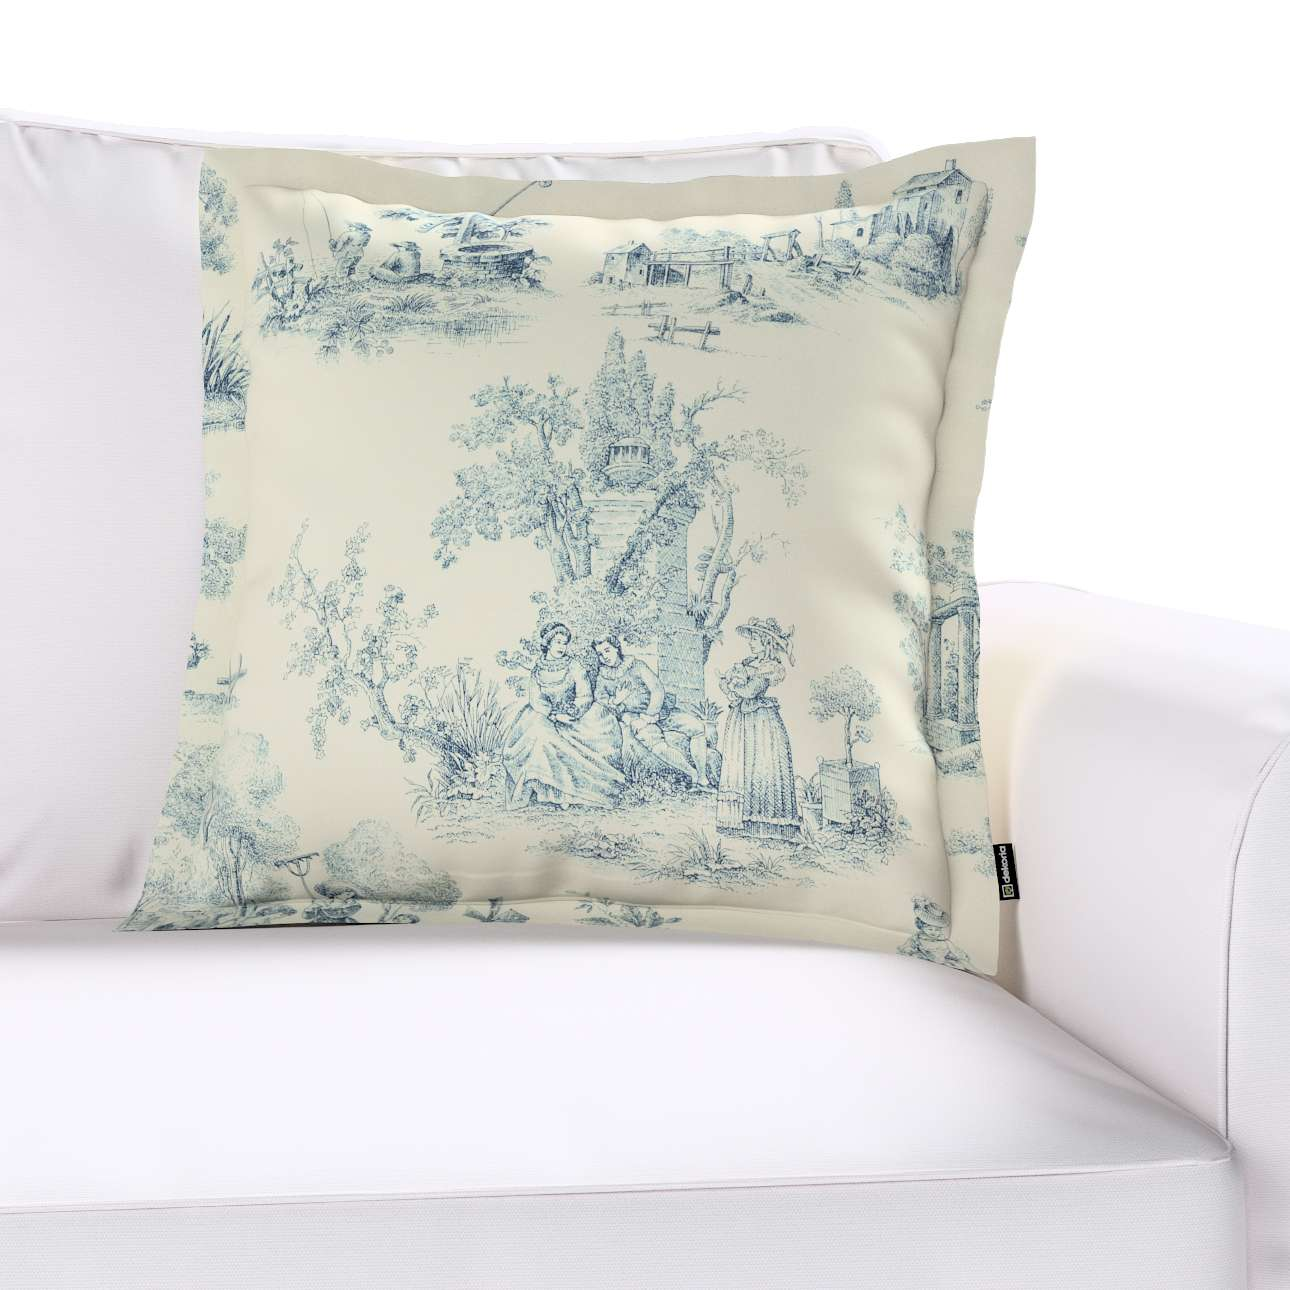 Poszewka Mona na poduszkę w kolekcji Avinon, tkanina: 132-66